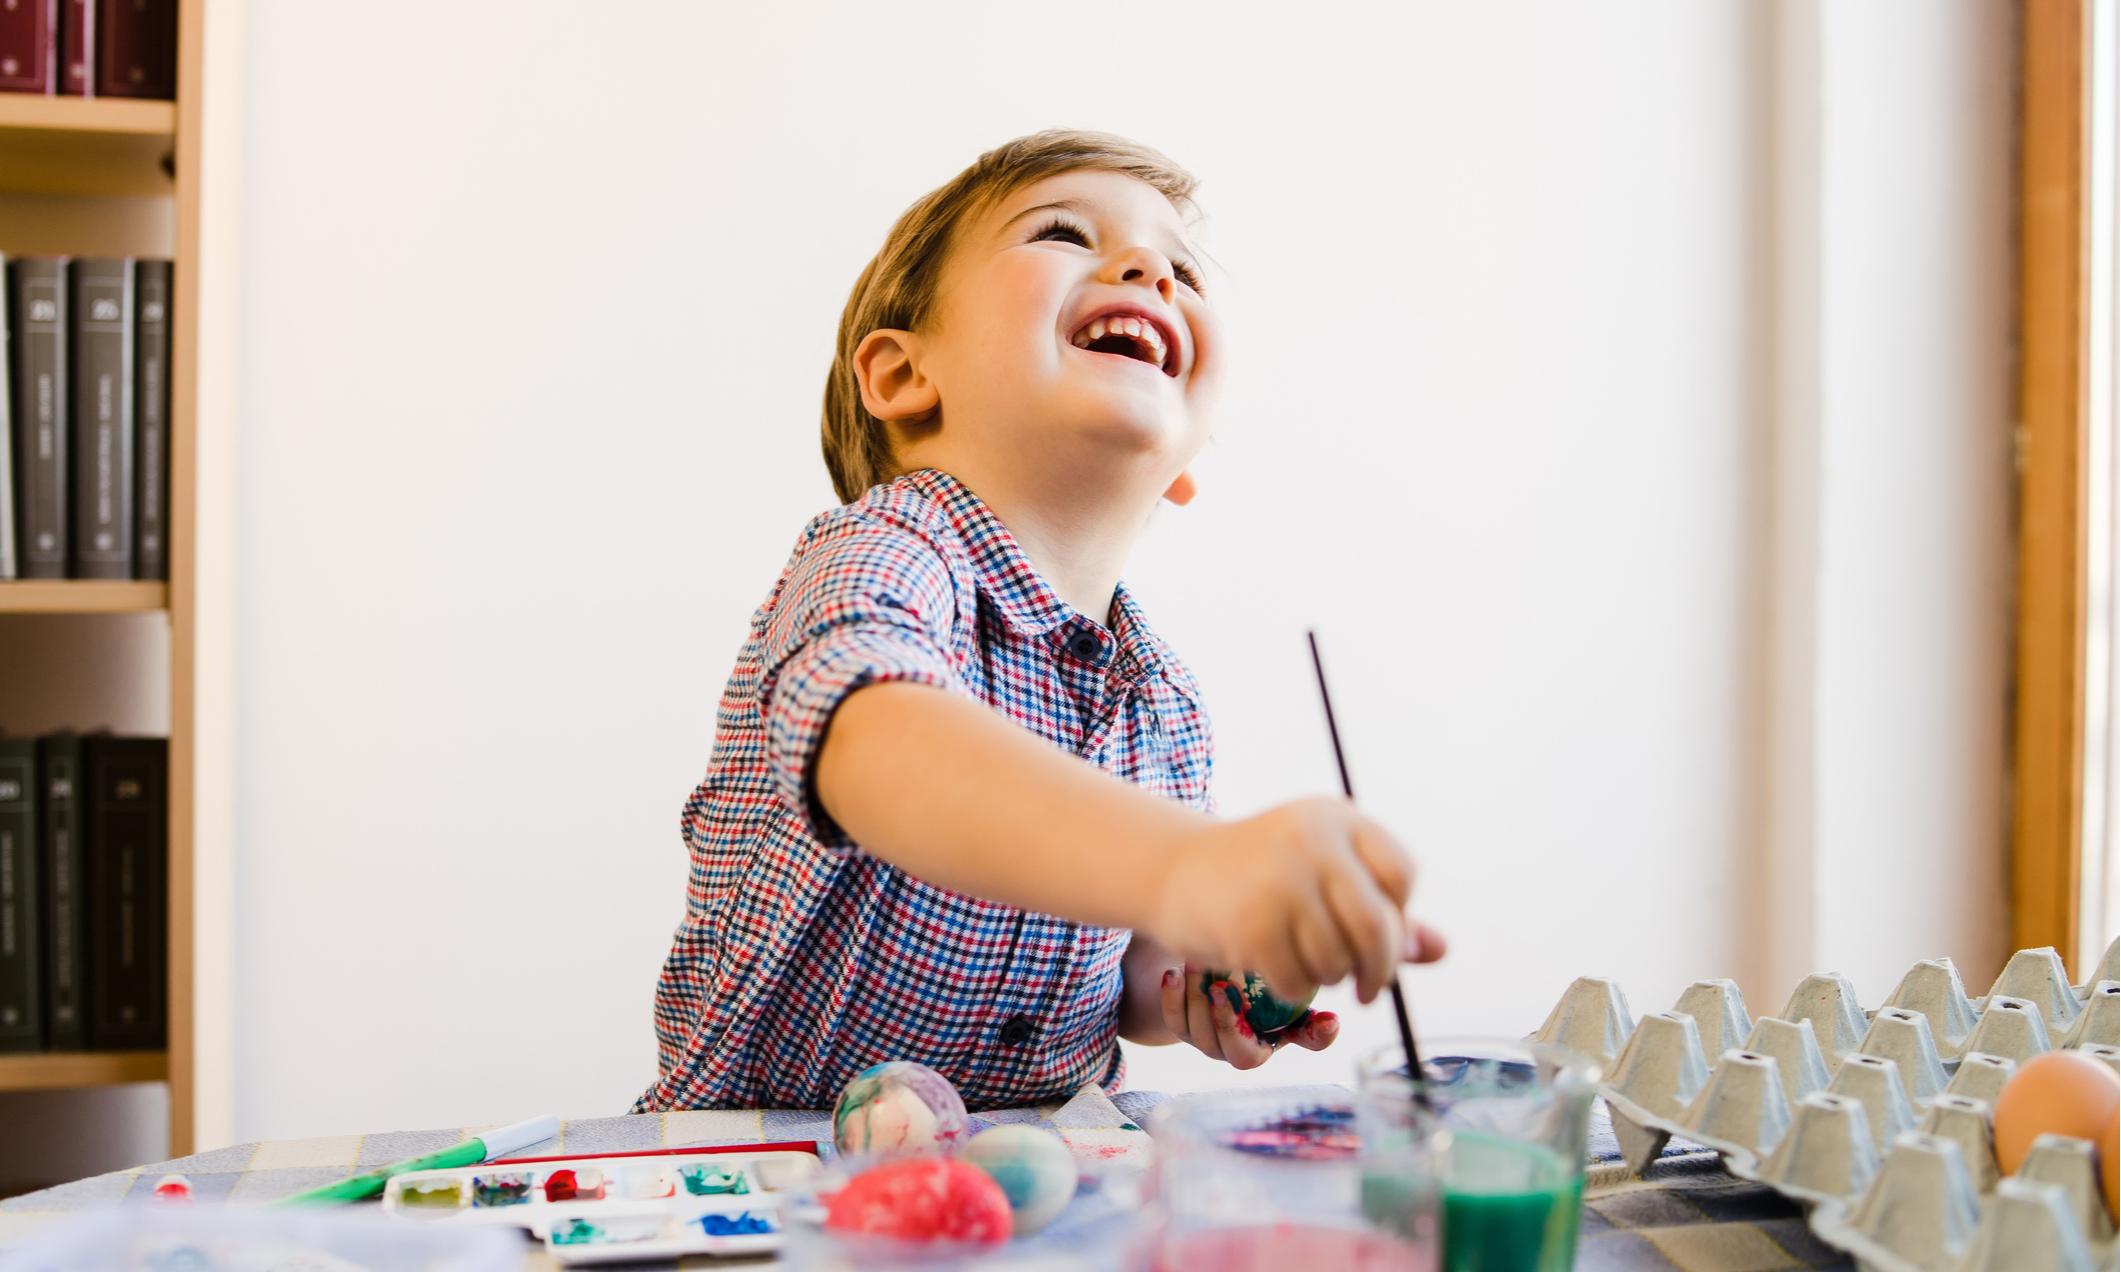 Воспитание вкуса: почему так важно научить ребенка разбираться в искусстве